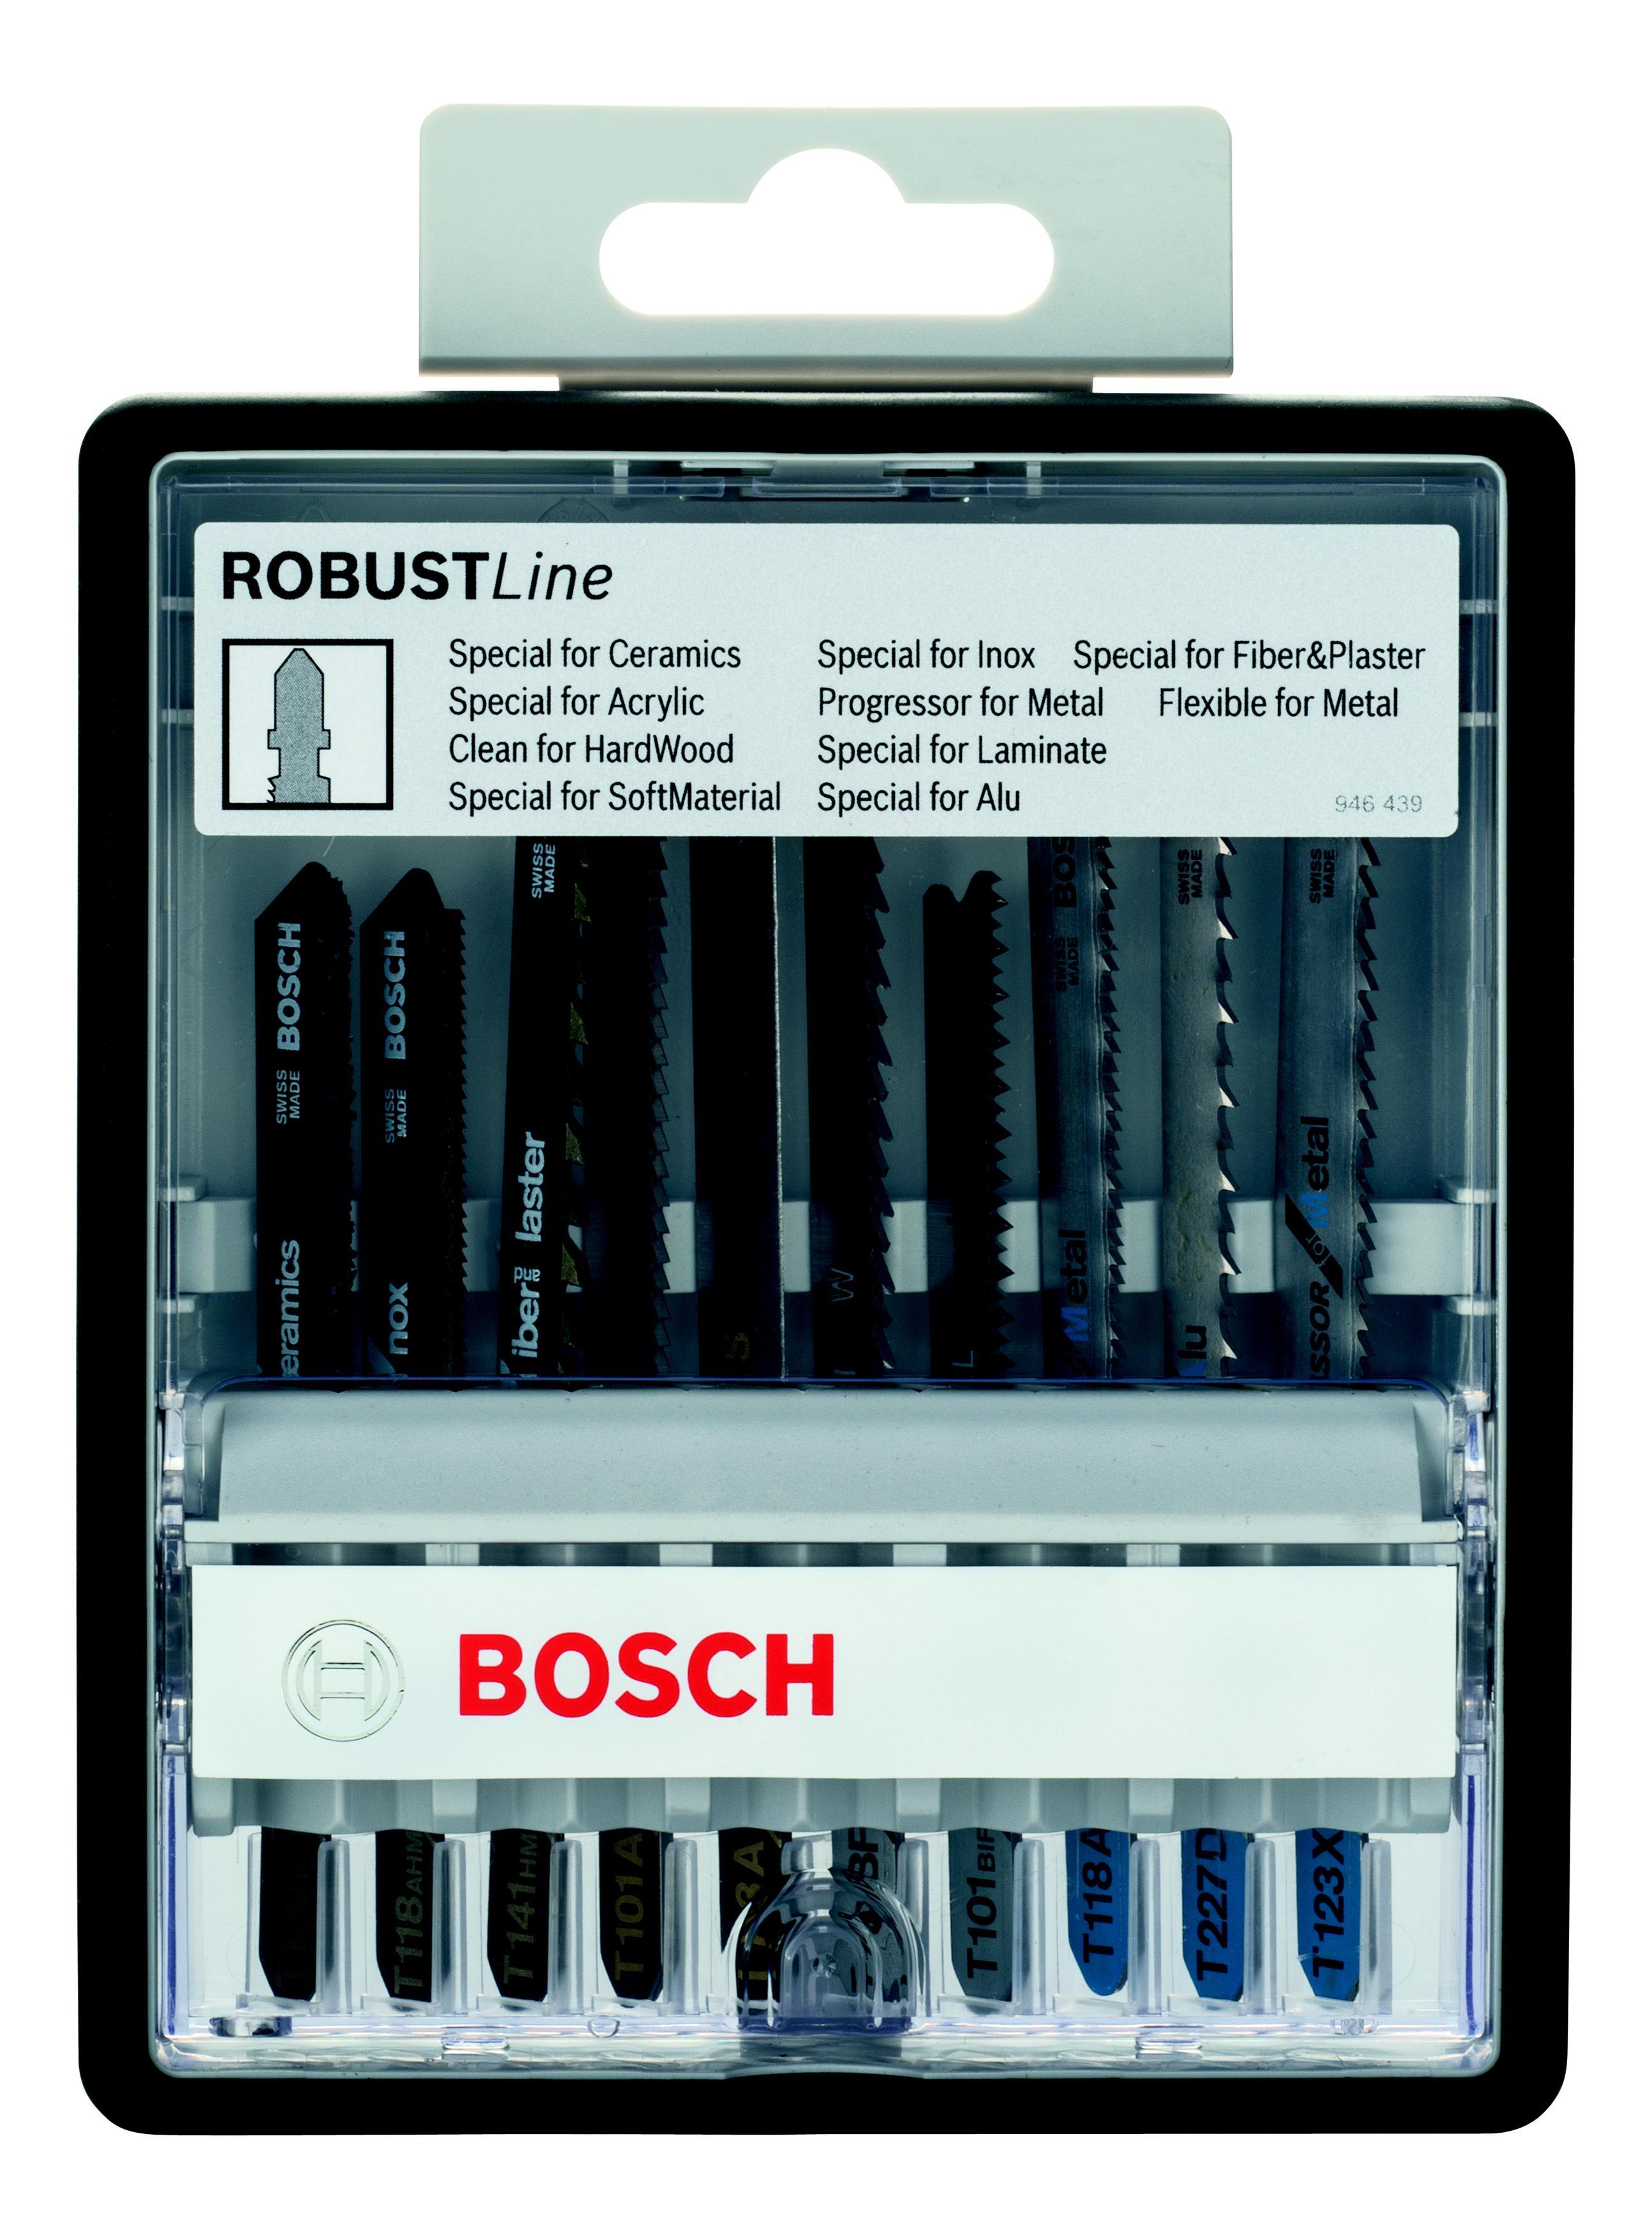 Набор пилок Bosch специальные, 10шт. (2.607.010.574)